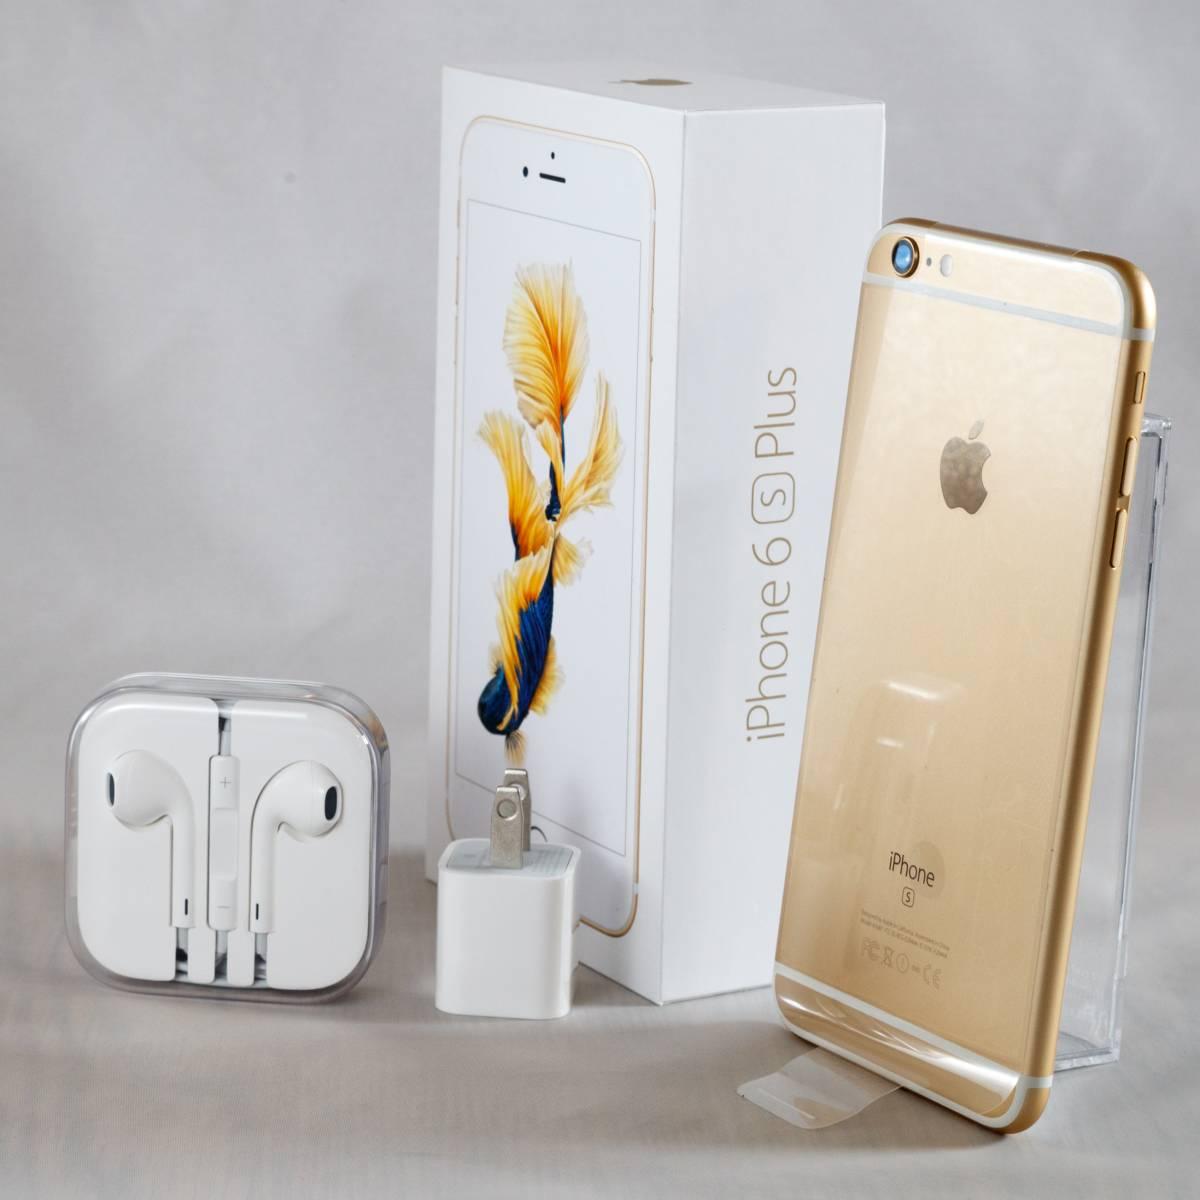 【新品交換品】SIMフリー iPhone6s plus 64GB ゴールド【Appleケア2018年8月まで】